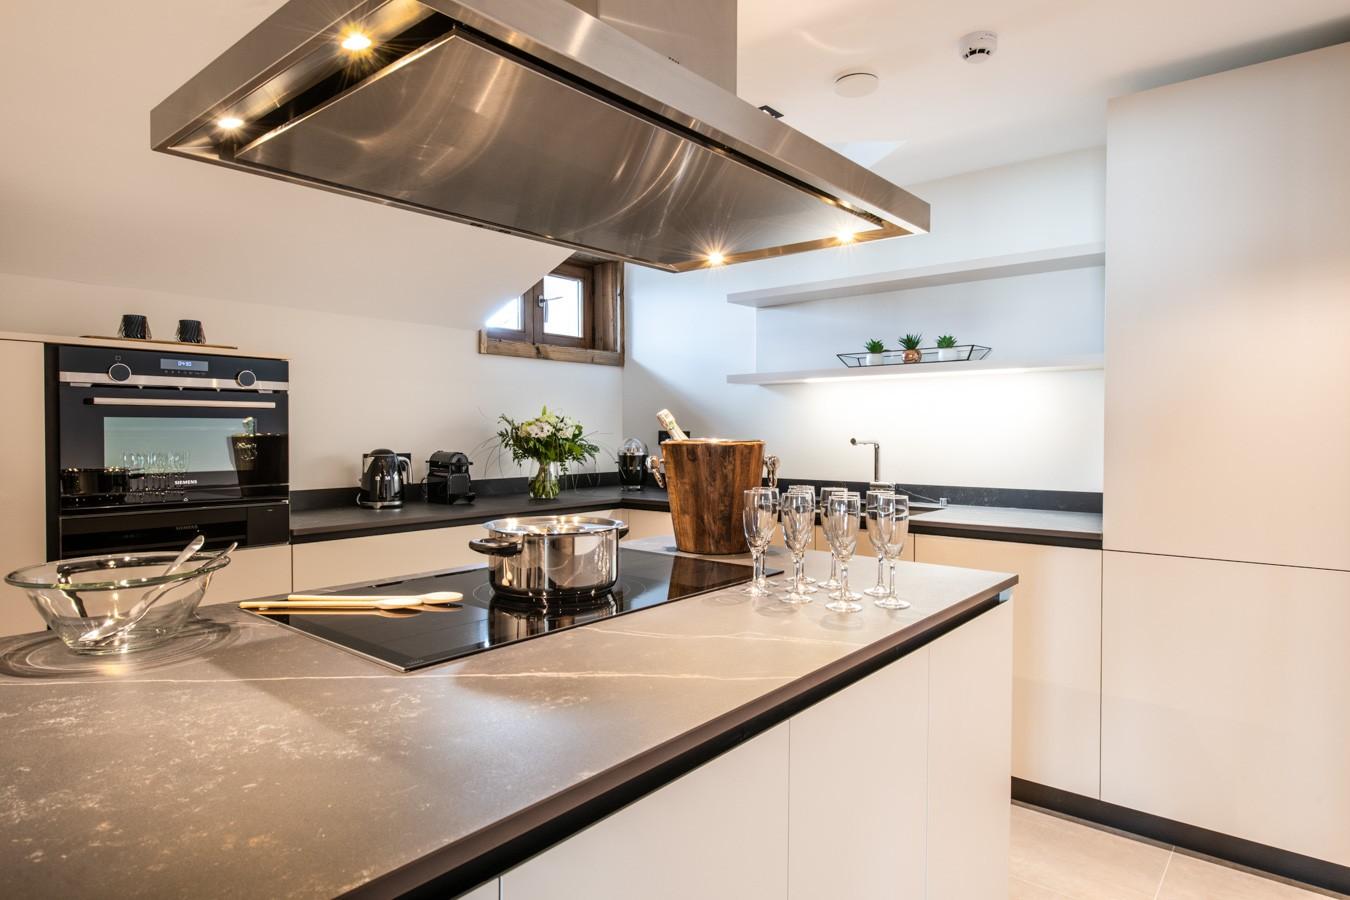 Courchevel 1650 Luxury Rental Appartment Aurylite Kitchen